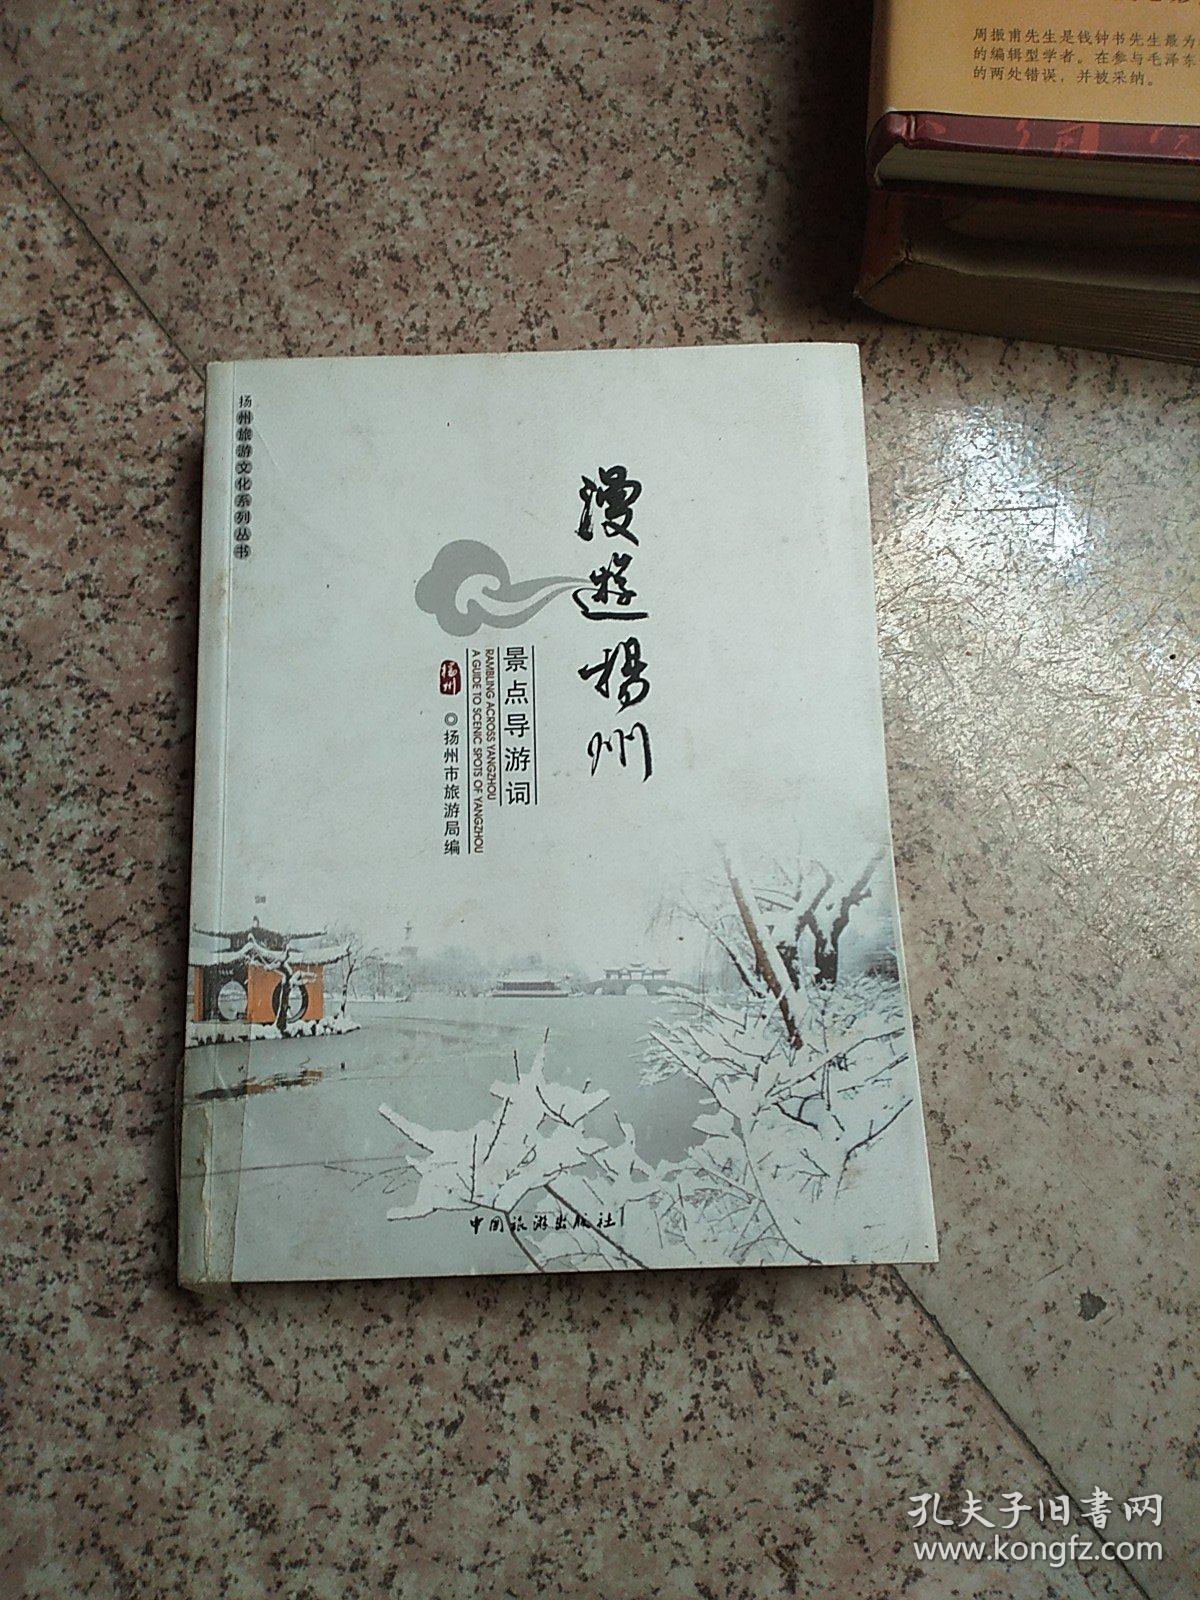 漫游扬州 : 扬州景点导游词